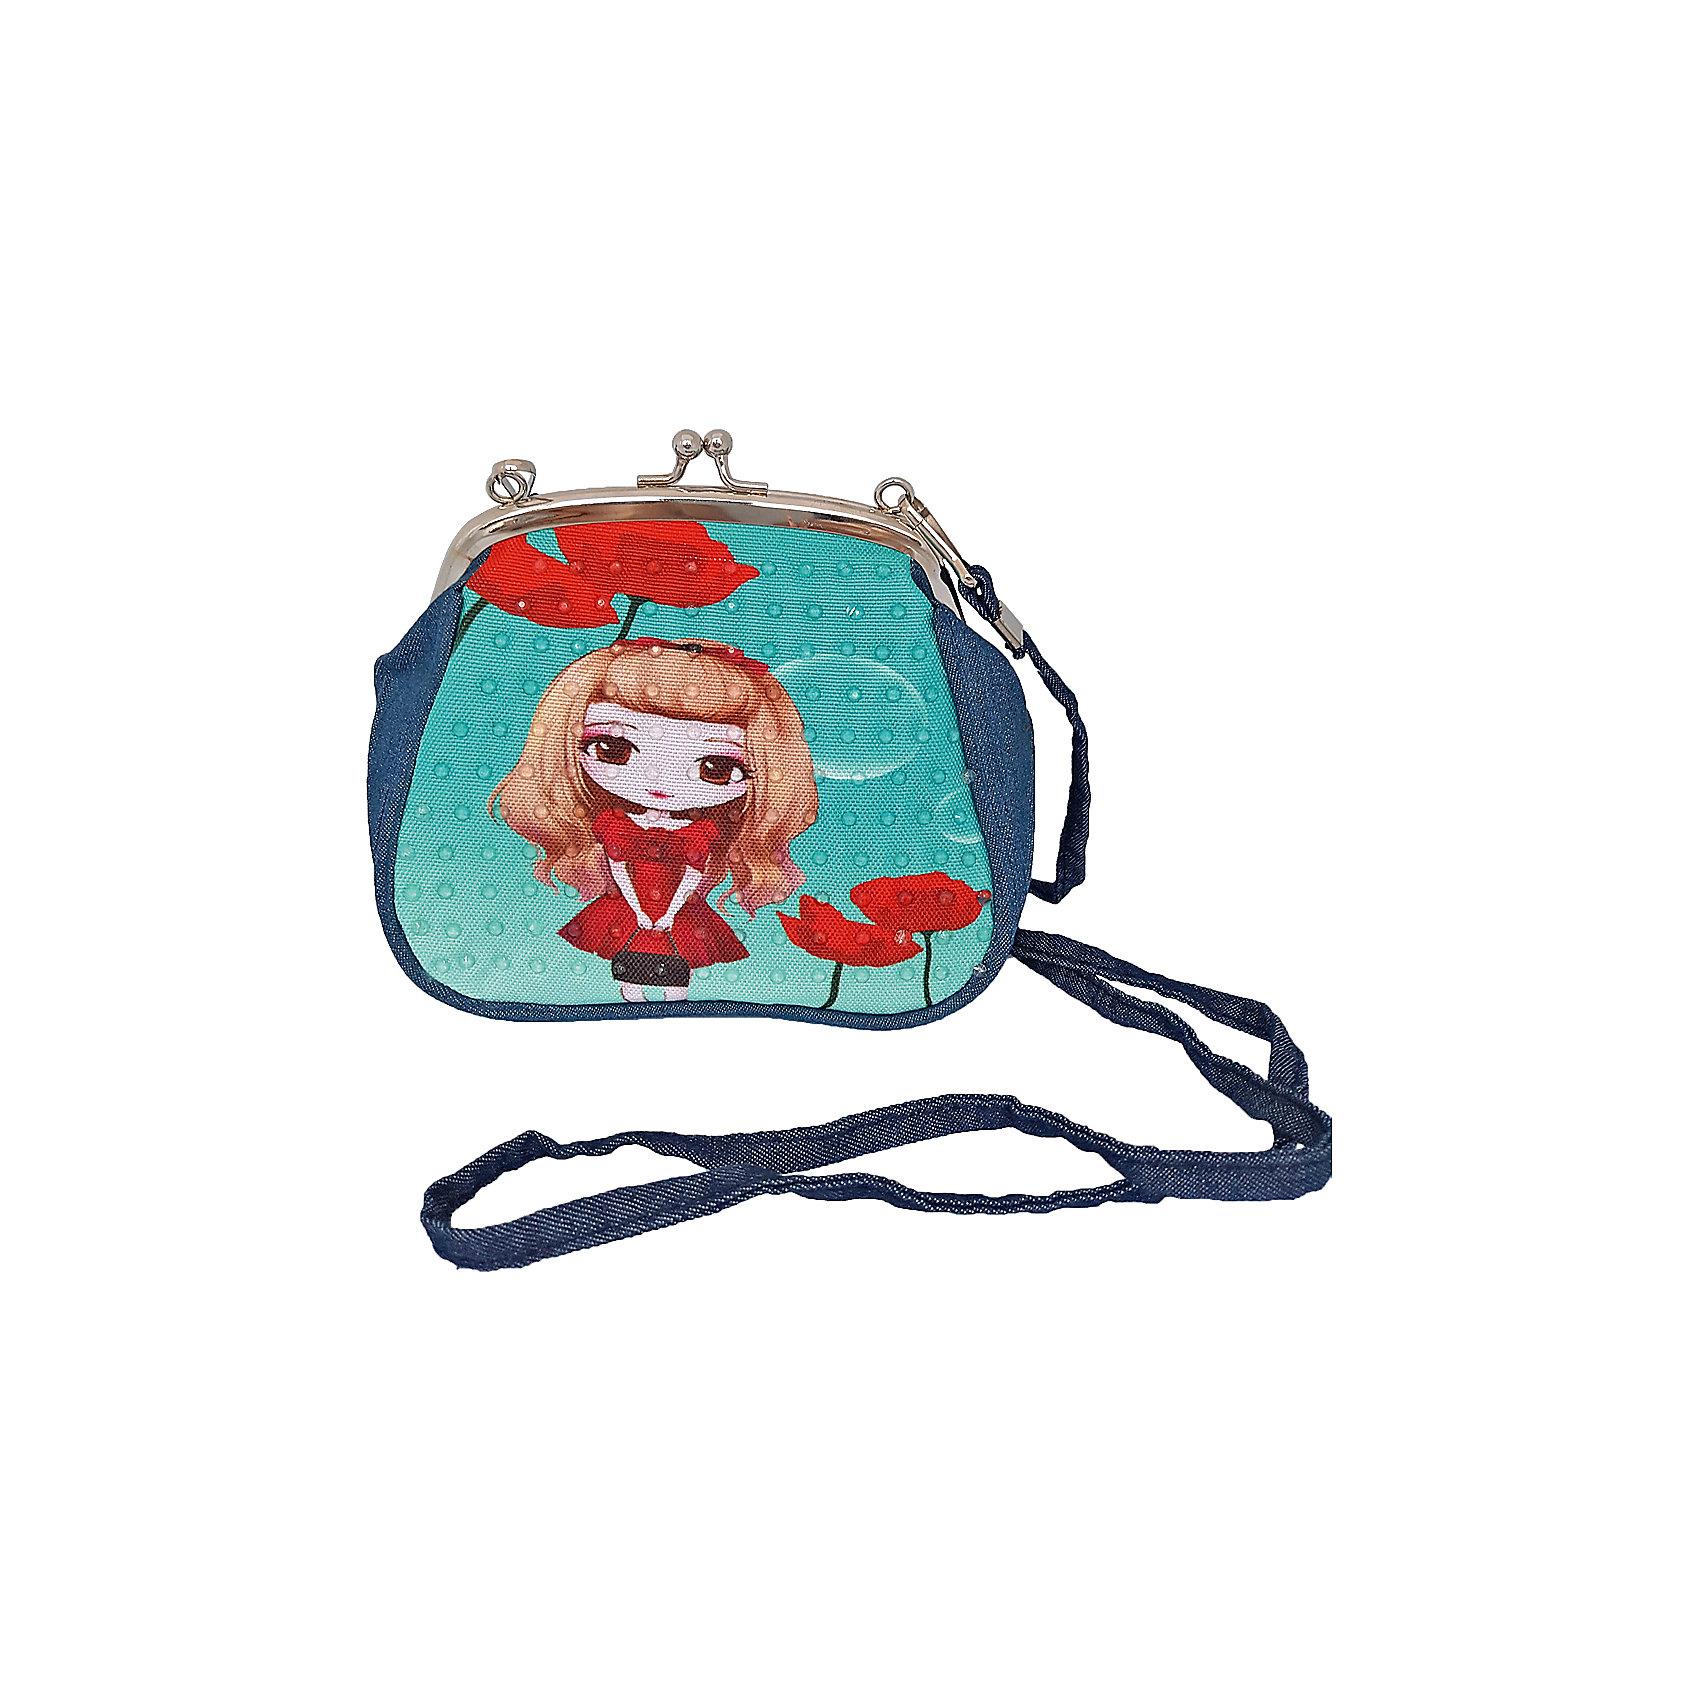 Сумочка с замочком Подружка-скромница, 16х14 см.Детские сумки<br>Сумочка с замочком Подружка-скромница, 16х14 см., Shantou Gepai (Шанту Гепаи)<br><br>Характеристики:<br><br>• ремешок в комплекте<br>• стильный дизайн<br>• материал: текстиль, металл<br>• размер: 16х14см<br>• размер упаковки: 17х17х3 см<br>• вес: 83 грамма<br><br>Сумочка Подружка-скромница - прекрасный подарок для маленькой модницы. Сумочка легко открывается и закрывается с помощью удобной застежки. Сама сумочка выполнена в ярких цветах с изображением девочки. По своему строению модель напоминает большой кошелечек. В комплект входит ремешок.<br><br>Сумочку с замочком Подружка-скромница, 16х14 см., Shantou Gepai (Шанту Гепаи) можно купить в нашем интернет-магазине.<br><br>Ширина мм: 170<br>Глубина мм: 170<br>Высота мм: 300<br>Вес г: 83<br>Возраст от месяцев: 36<br>Возраст до месяцев: 2147483647<br>Пол: Женский<br>Возраст: Детский<br>SKU: 5508573